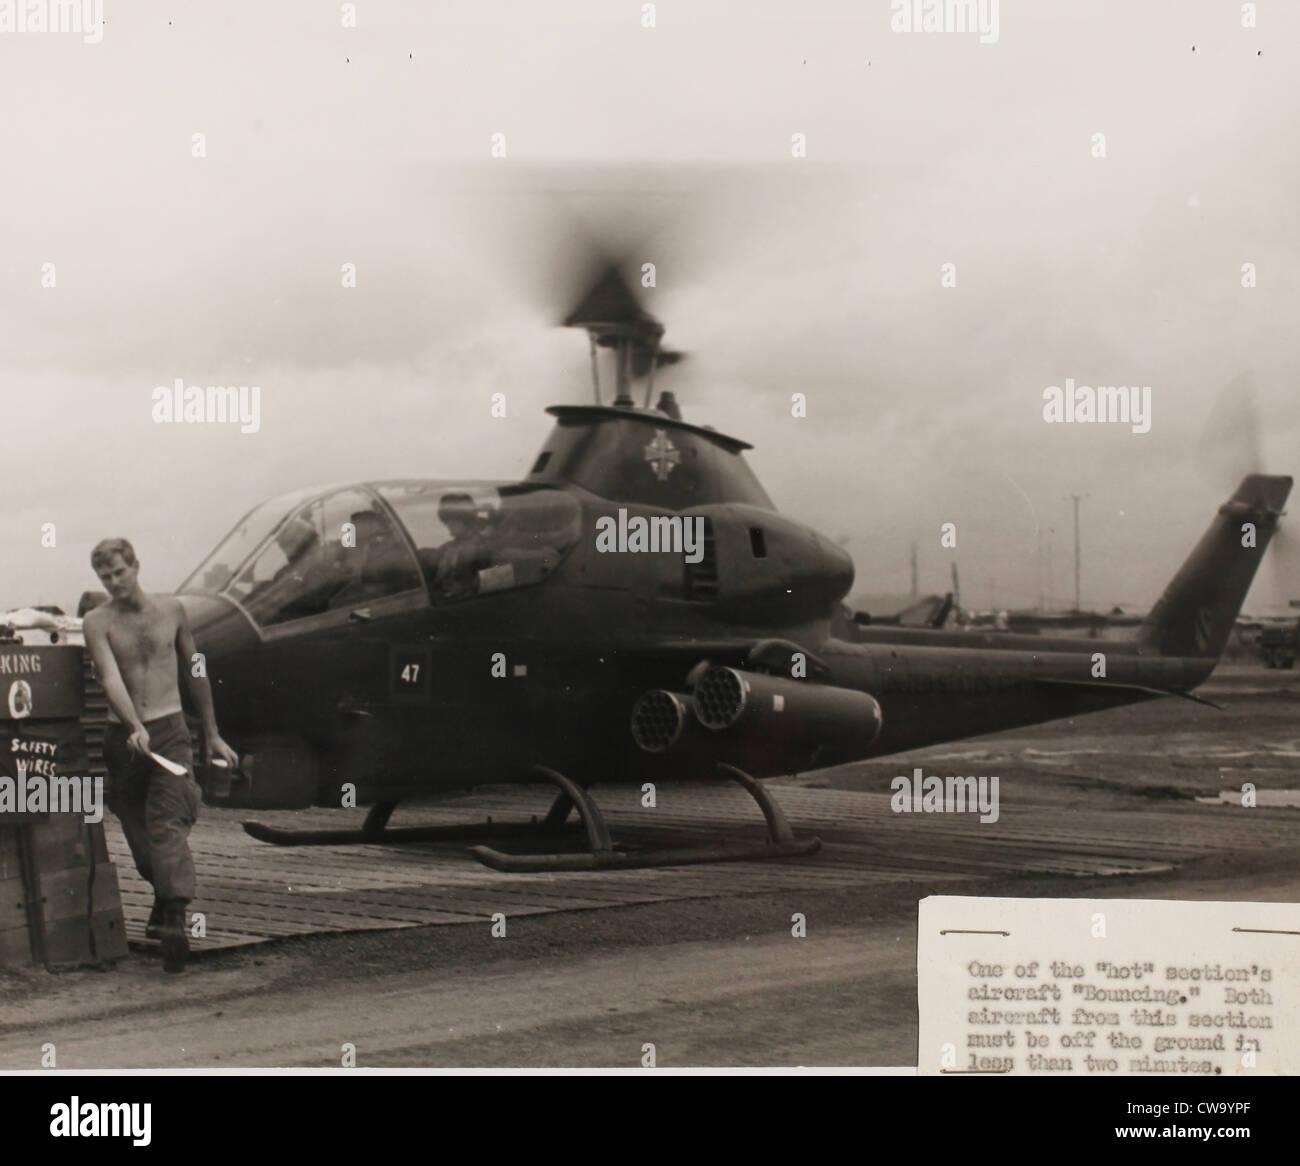 220-aerial-rocket-artillery-blue-max-1-k